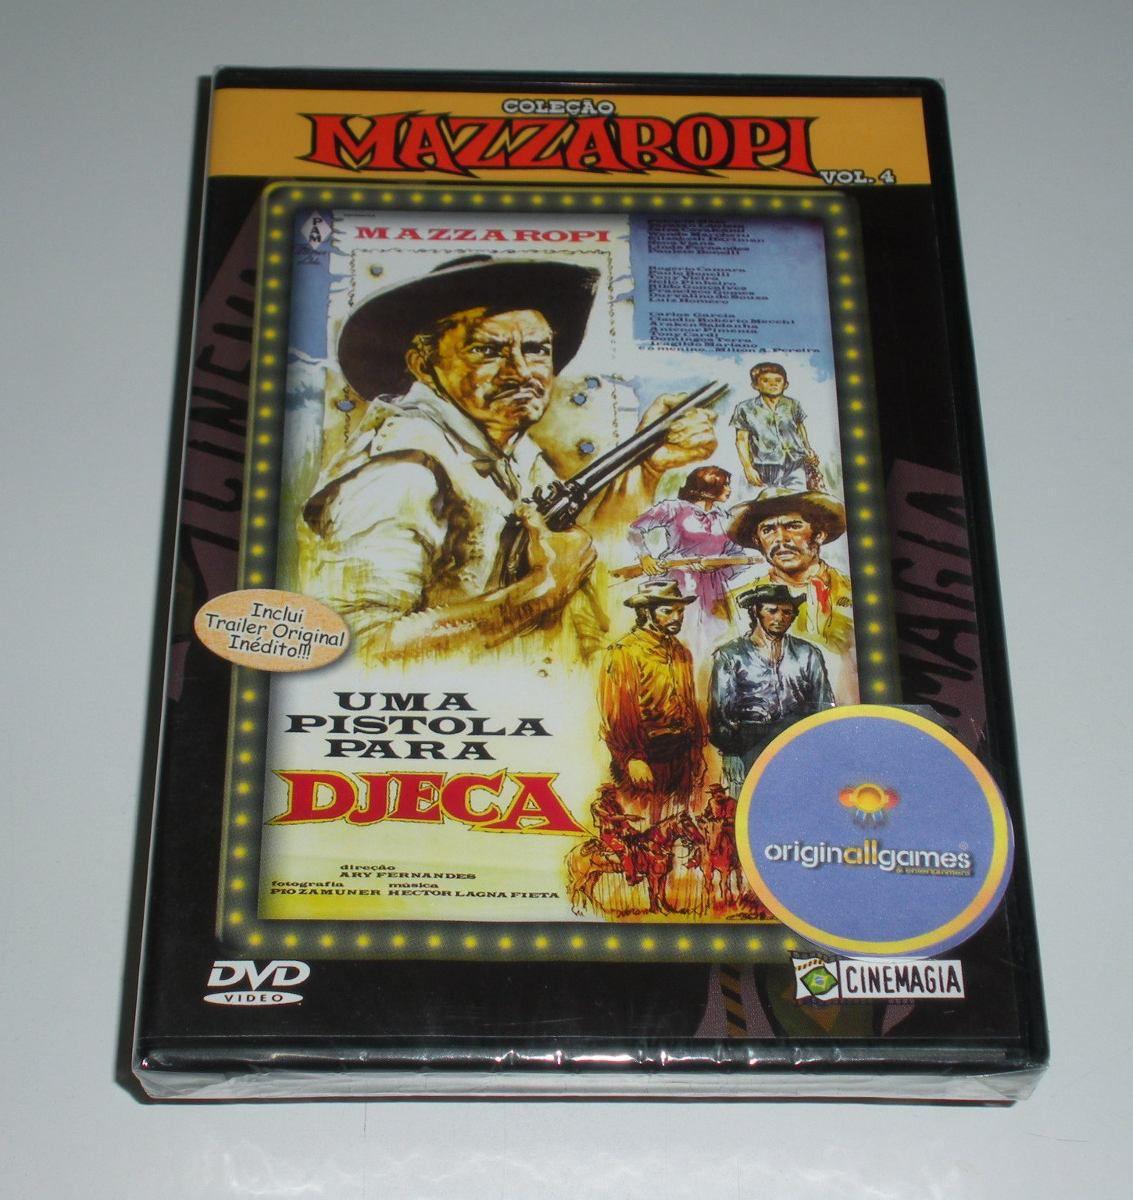 Mazzaropi - Vol.4 - Uma Pistola Para Djeca - DVD